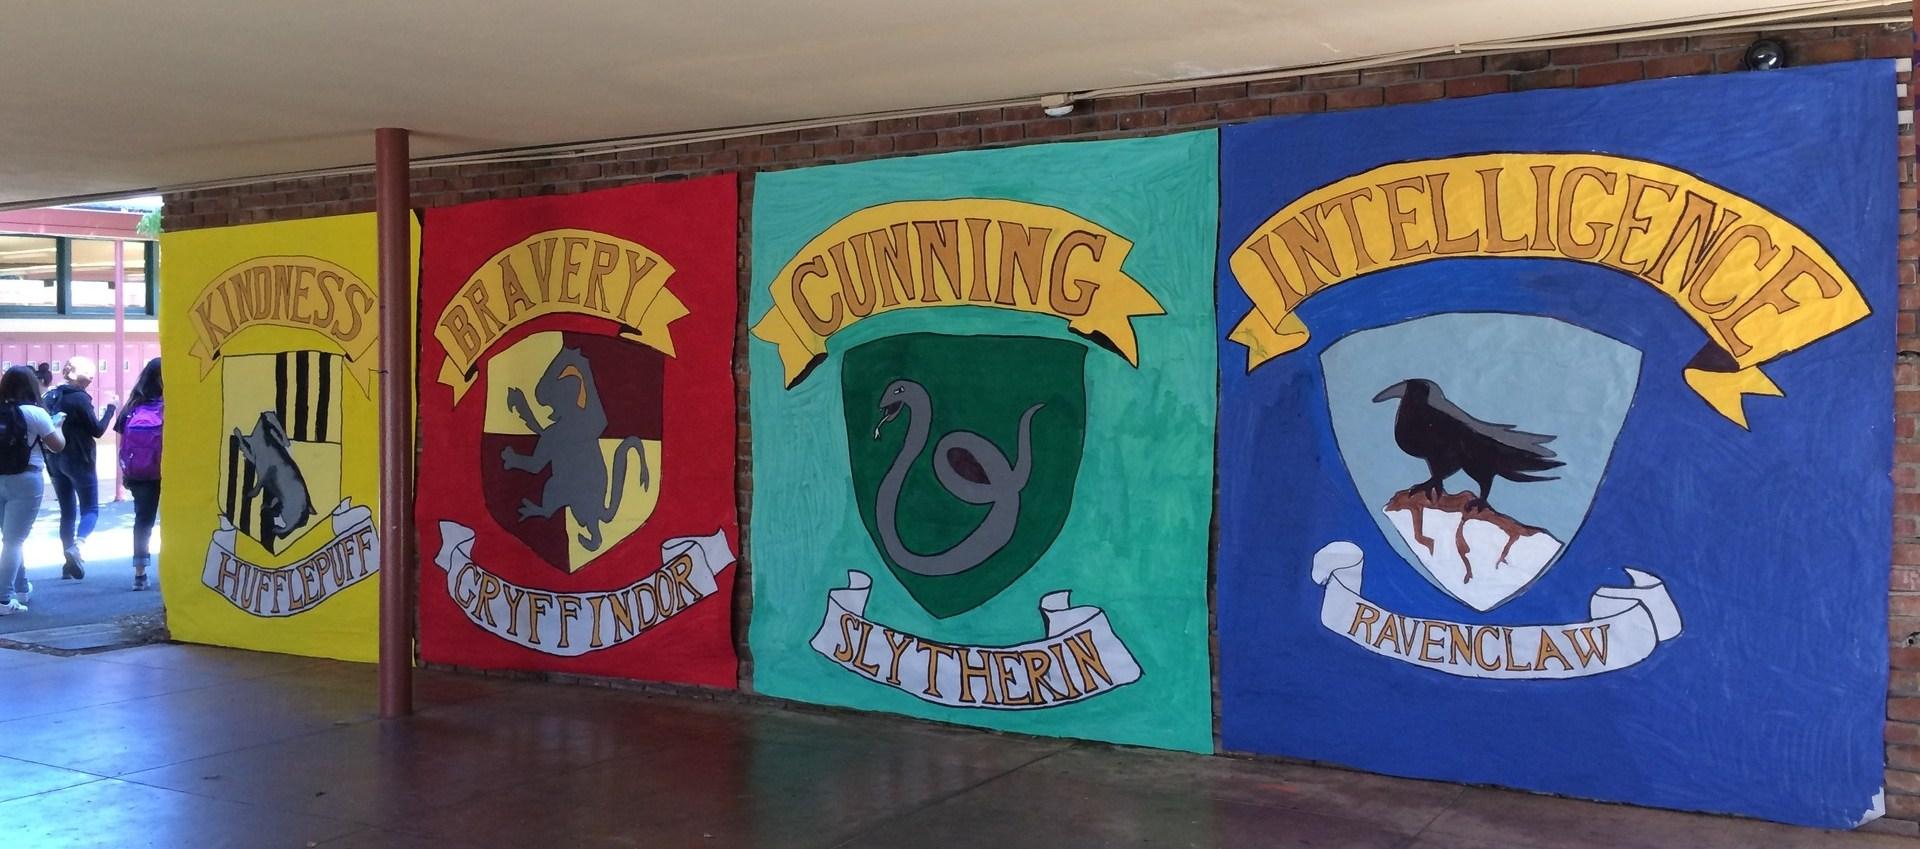 Image of Senior banner in main campus corridor